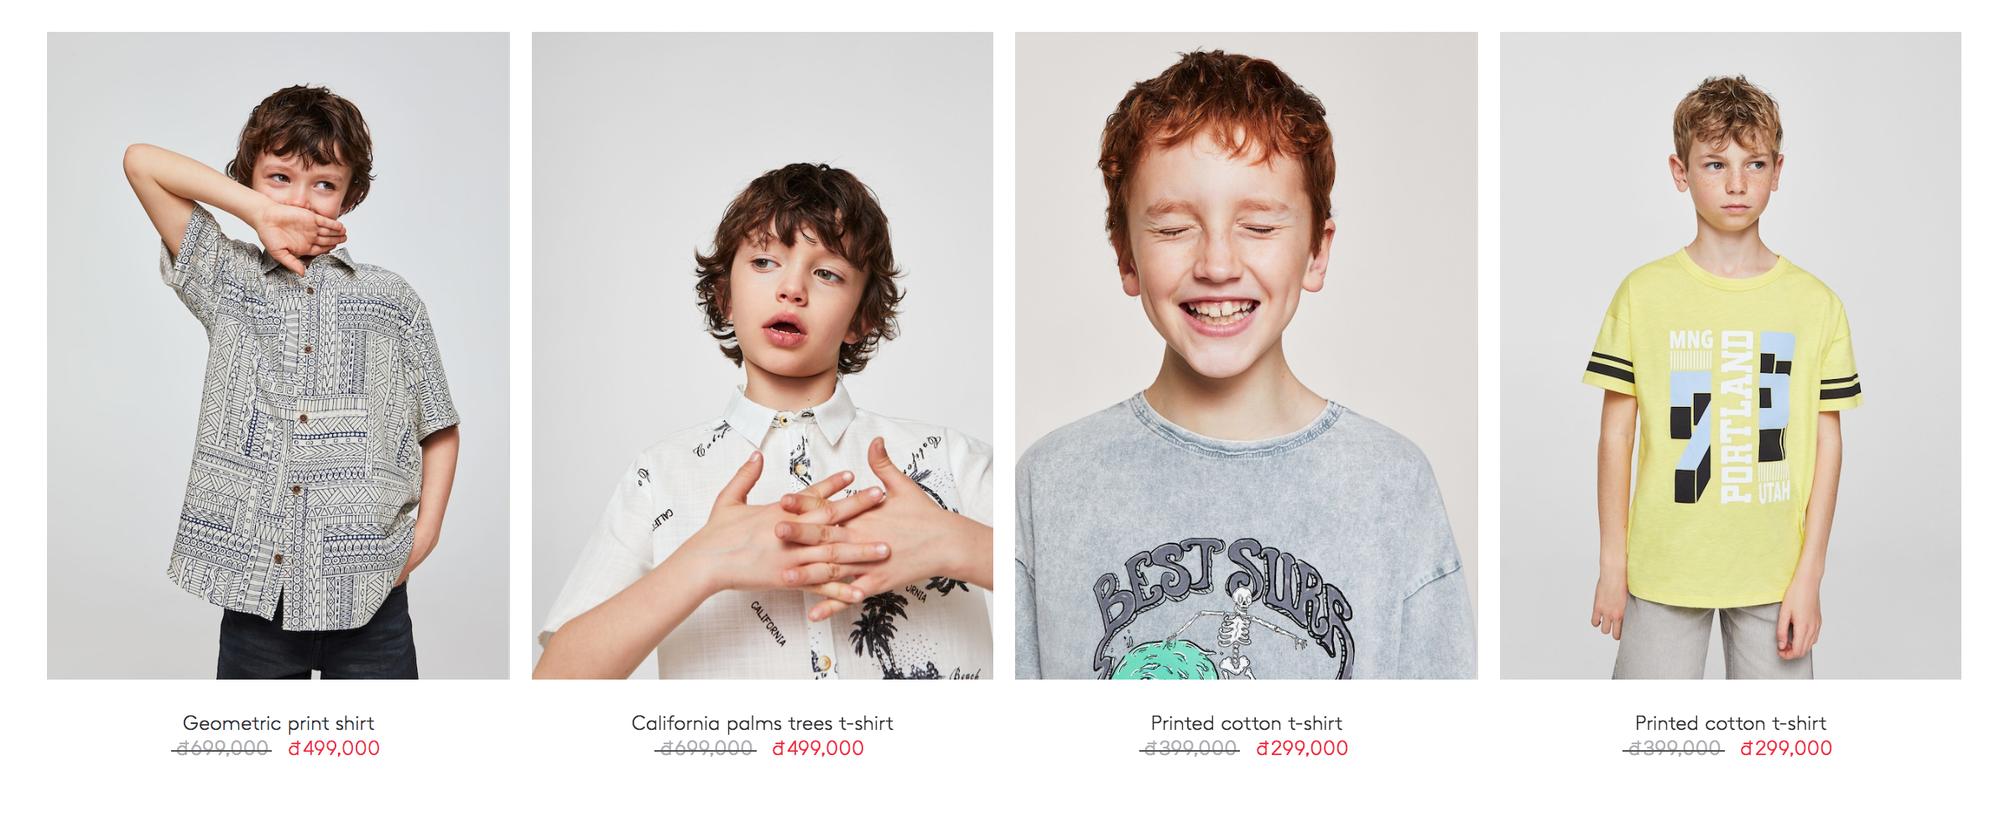 Mách các mẹ loạt thương hiệu săn đồ sale vừa rẻ vừa xinh cho các nhóc tì   - Ảnh 6.